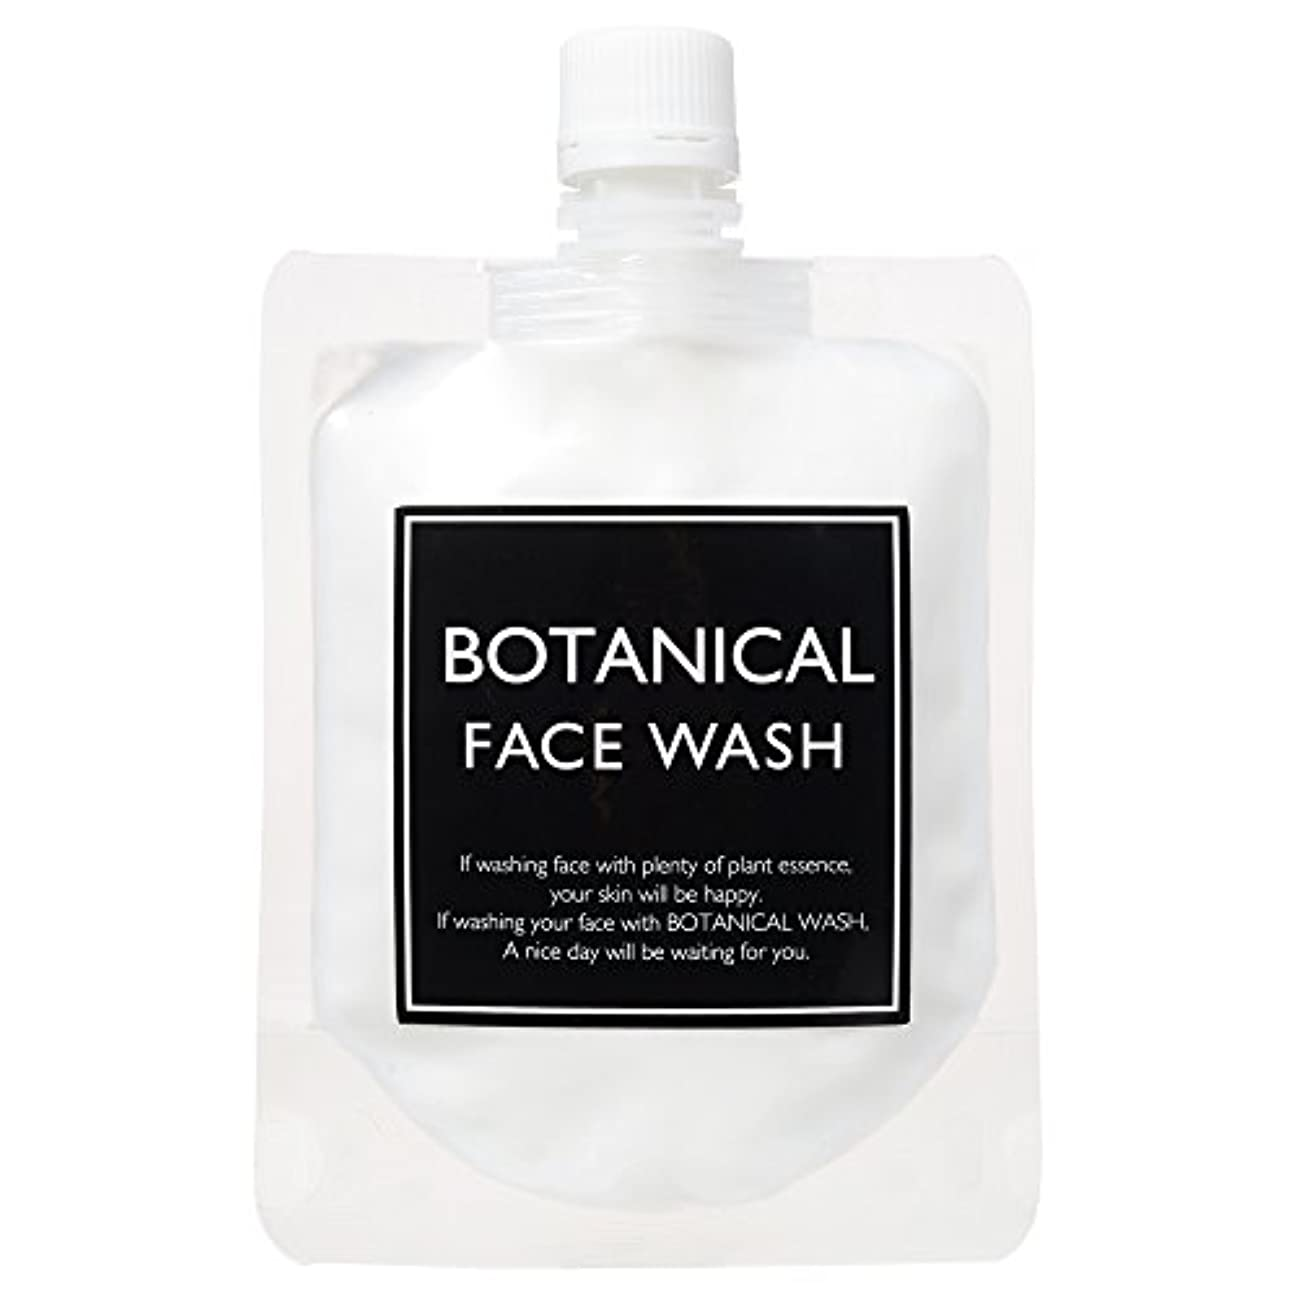 アジア人慢方法論【BOTANICAL FACE WASH】 ボタニカル フェイスウォッシュ 150g 泡洗顔